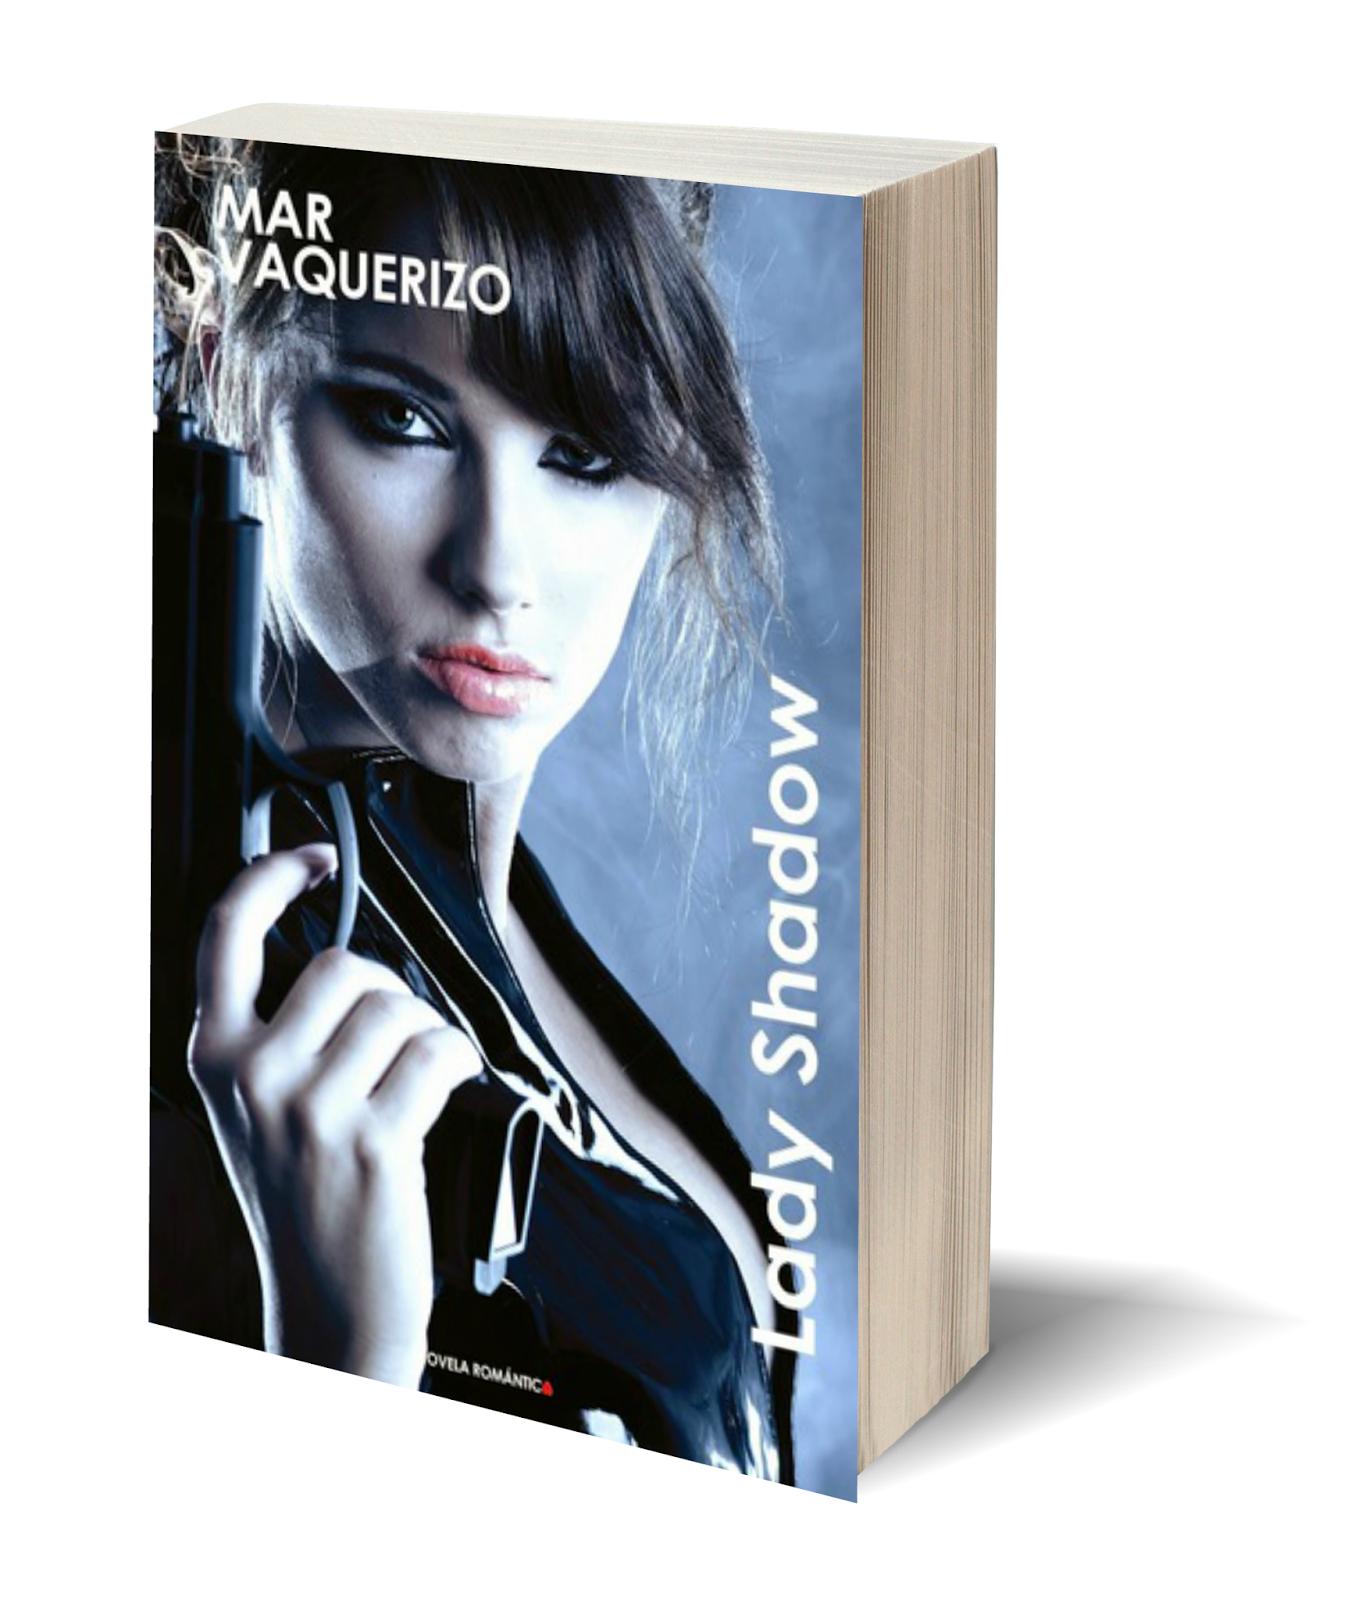 Lady Shadow de Mar Vaquerizo&Entrevista - Soy Cazadora de Sombras y Libros